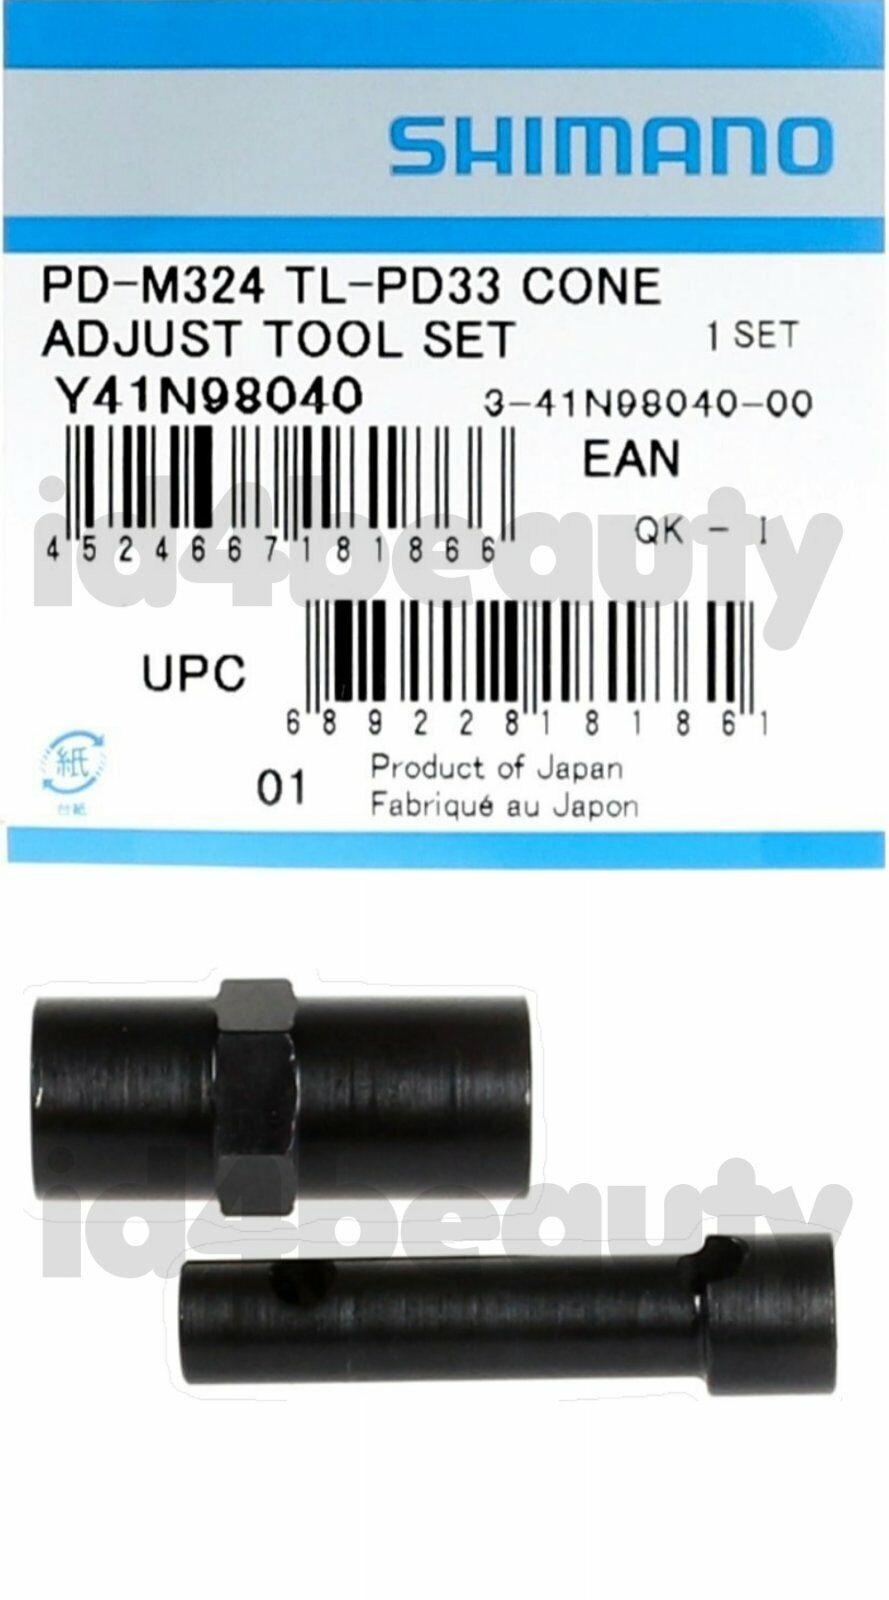 Shimano Tlpd33 Pedal Cone Adjust Spares Tool Silver Y41N98040